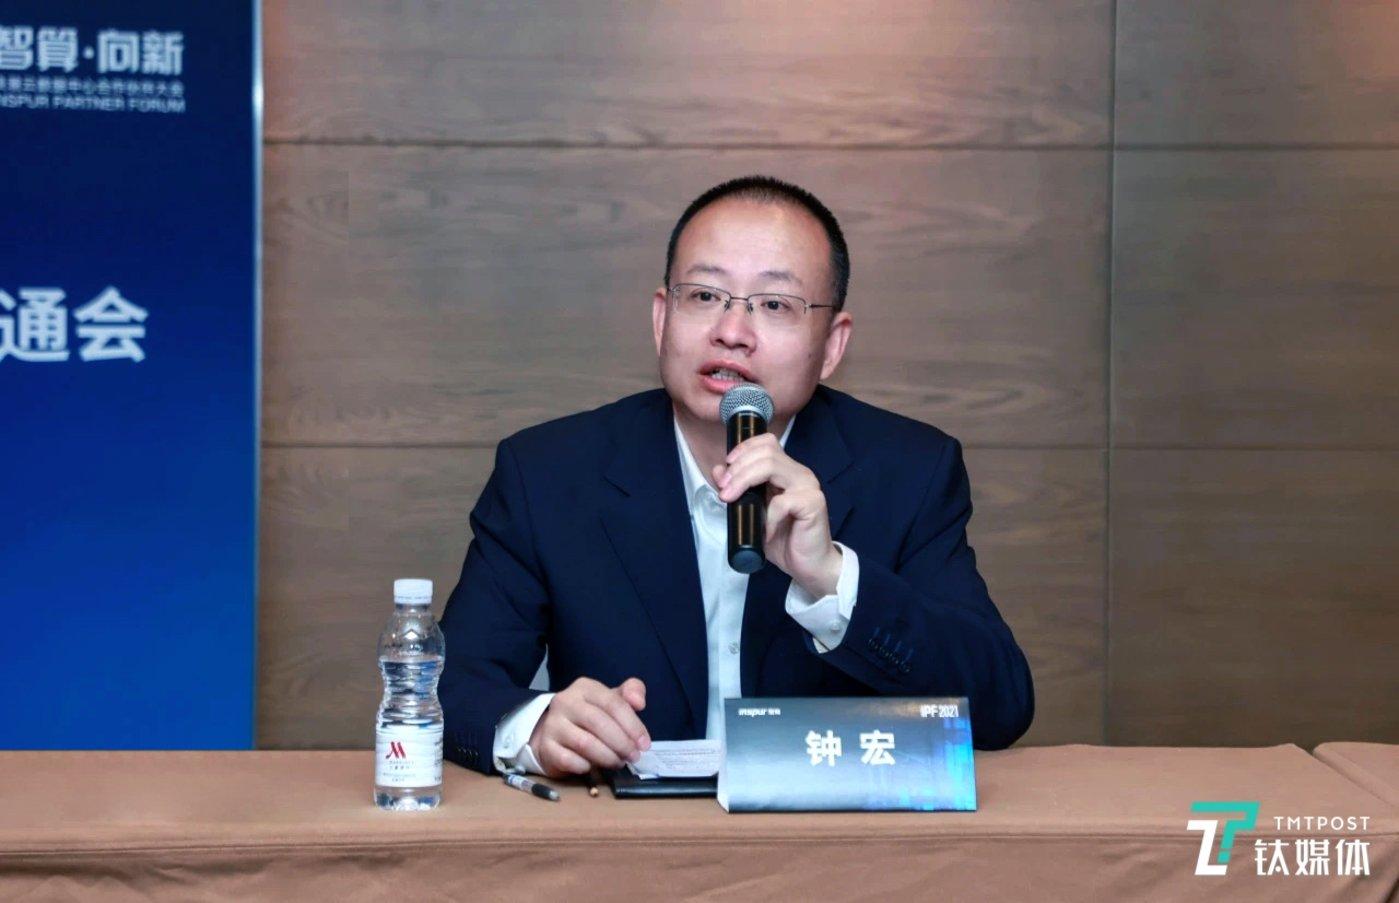 浪潮网络CEO钟宏